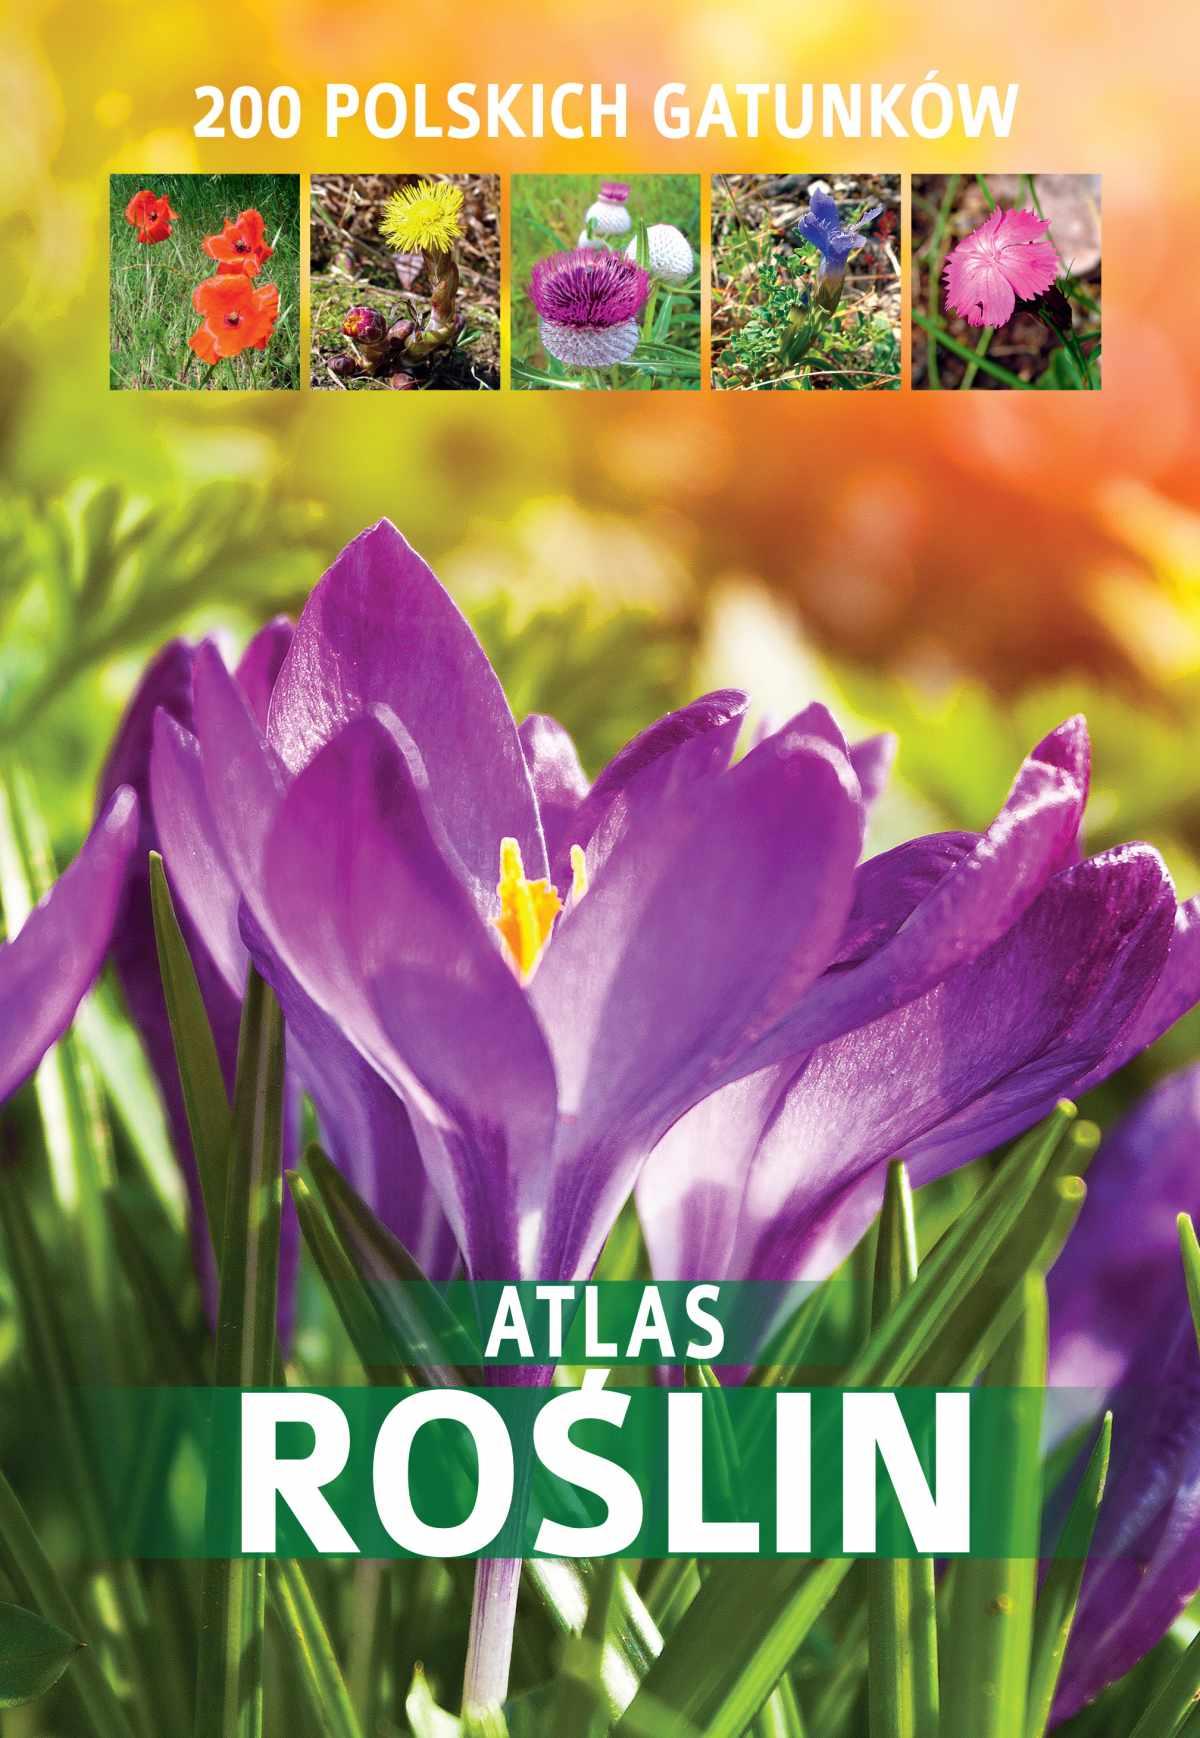 Atlas roślin. 200 polskich gatunków - Ebook (Książka PDF) do pobrania w formacie PDF